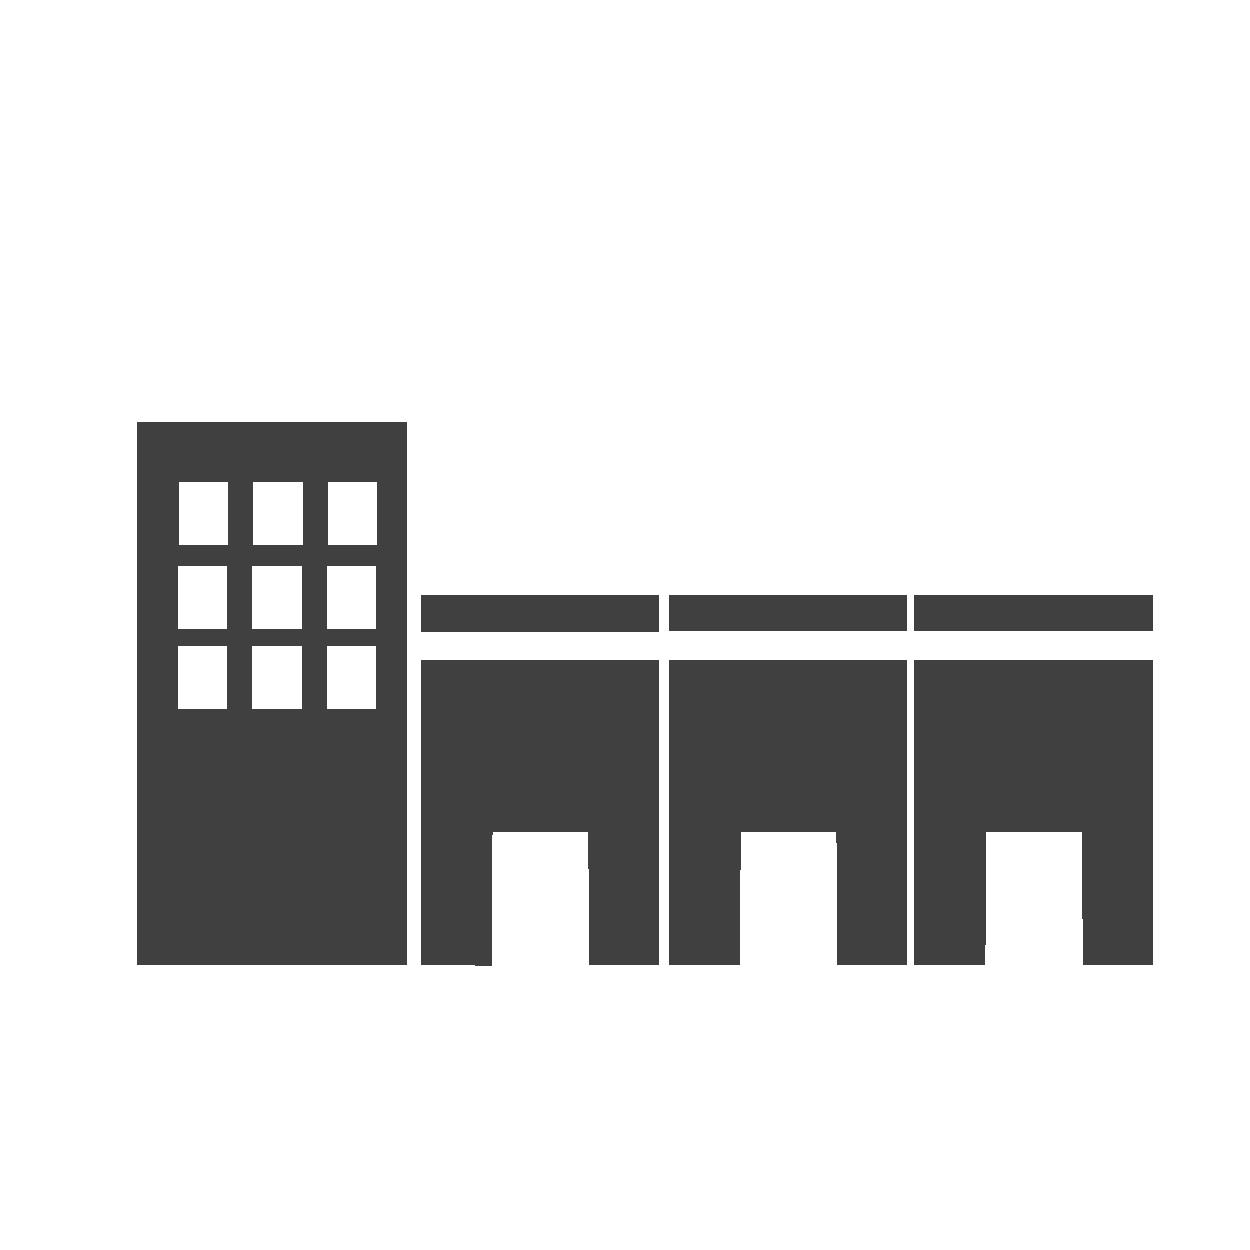 Icône représentant des bâtiments industriels